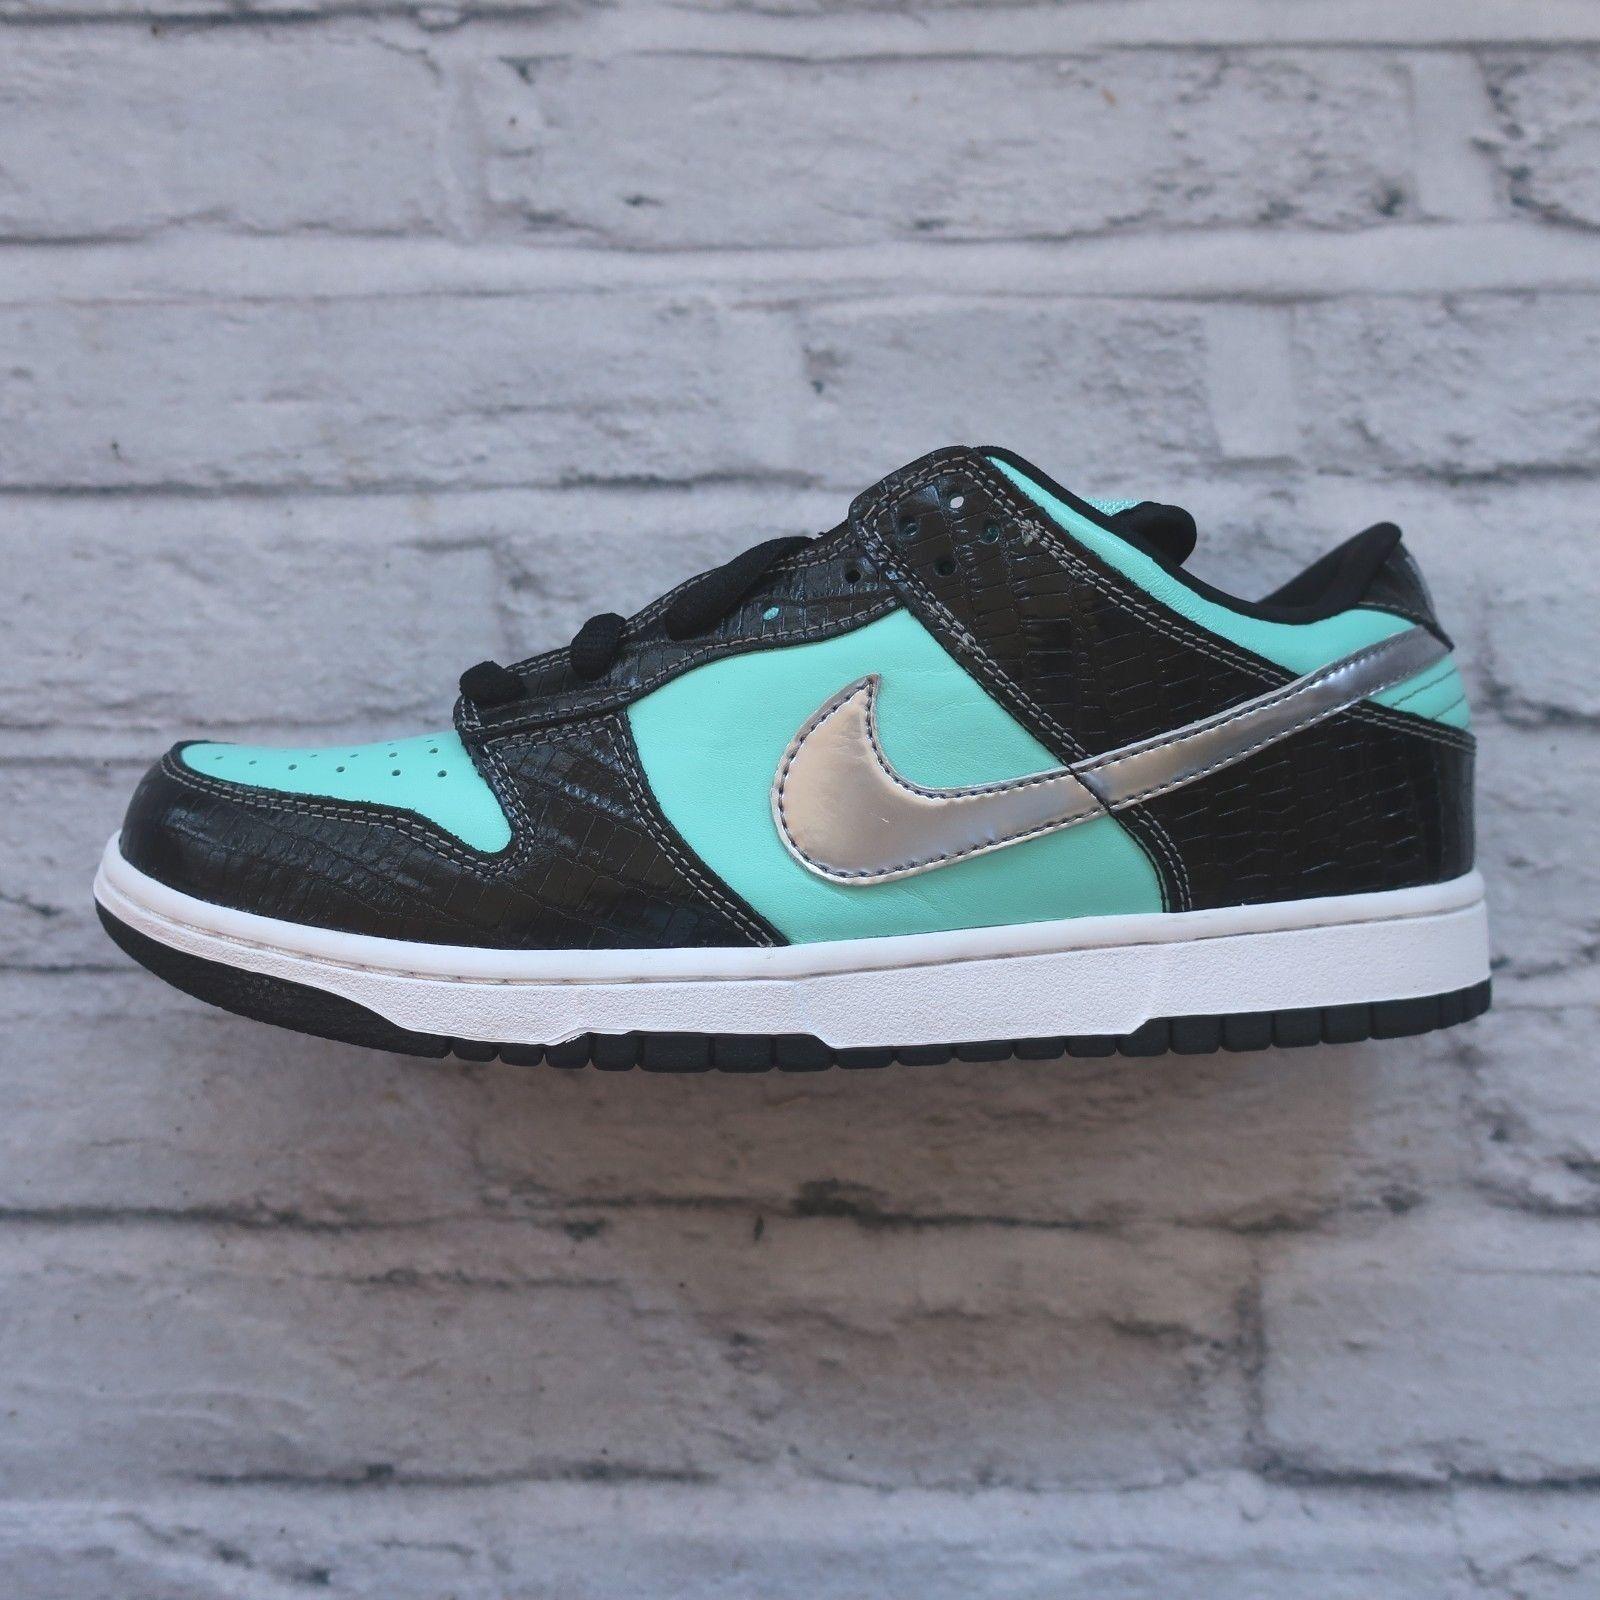 NEW 2005 Nike Dunk Low Pro SB Diamond shoes 304292-402 Size 10 Vtg